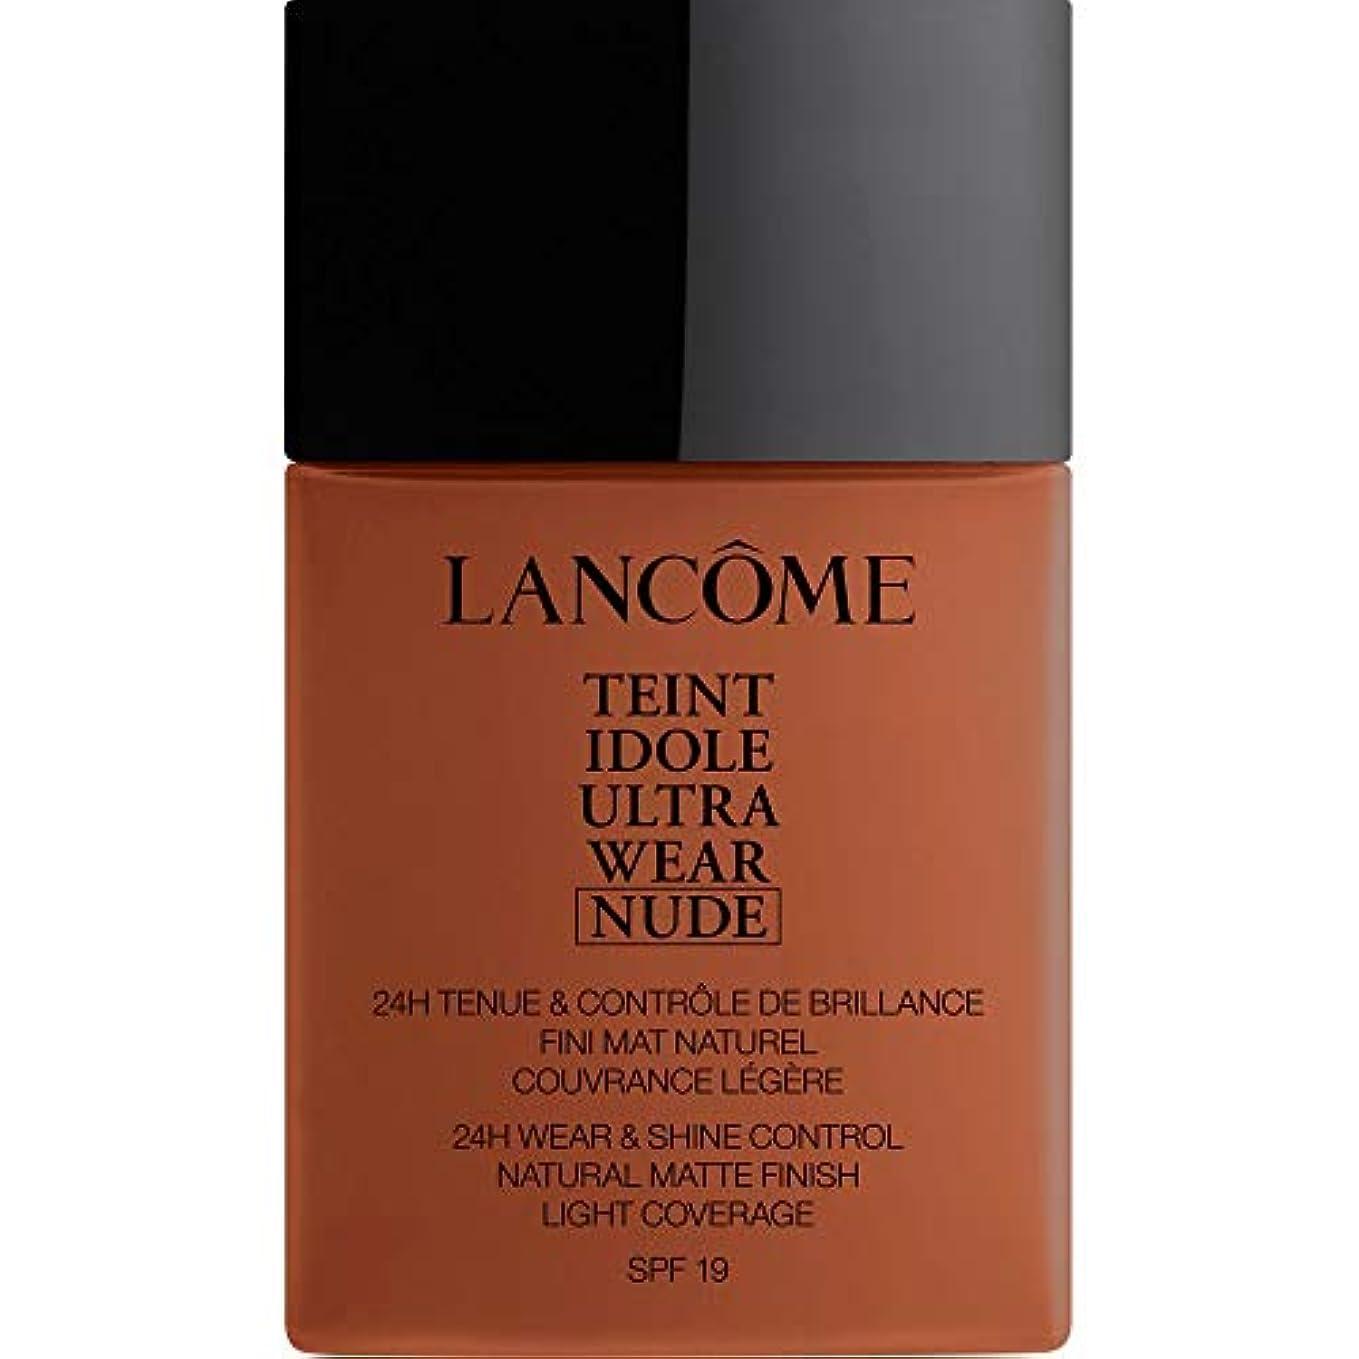 中絶戦術バランスのとれた[Lanc?me ] ランコムTeintのIdole超摩耗ヌード財団Spf19の40ミリリットル13.1 - カカオ - Lancome Teint Idole Ultra Wear Nude Foundation SPF19...